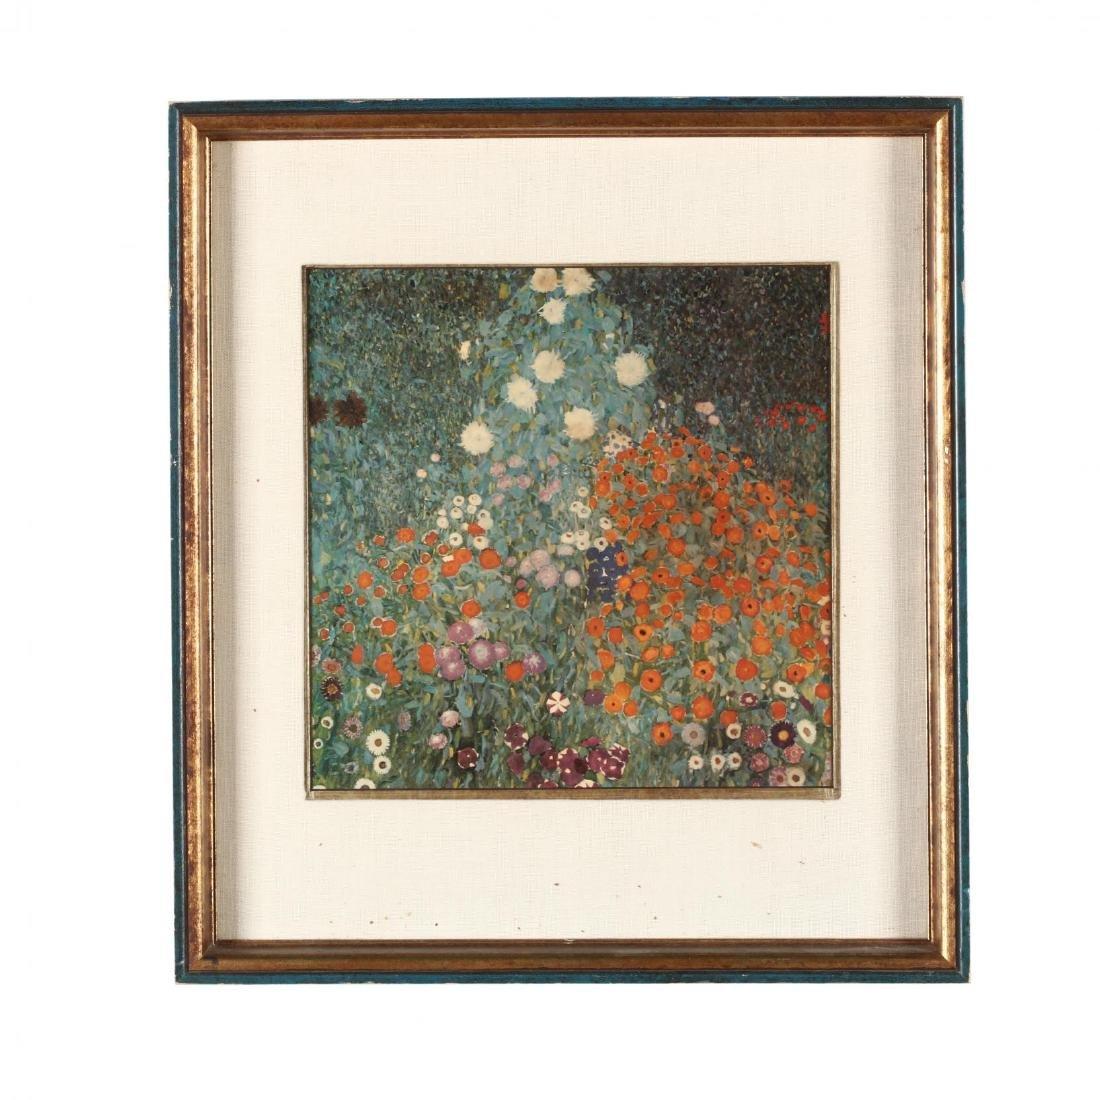 Framed Print after Gustave Klimt's  Bauerngarten